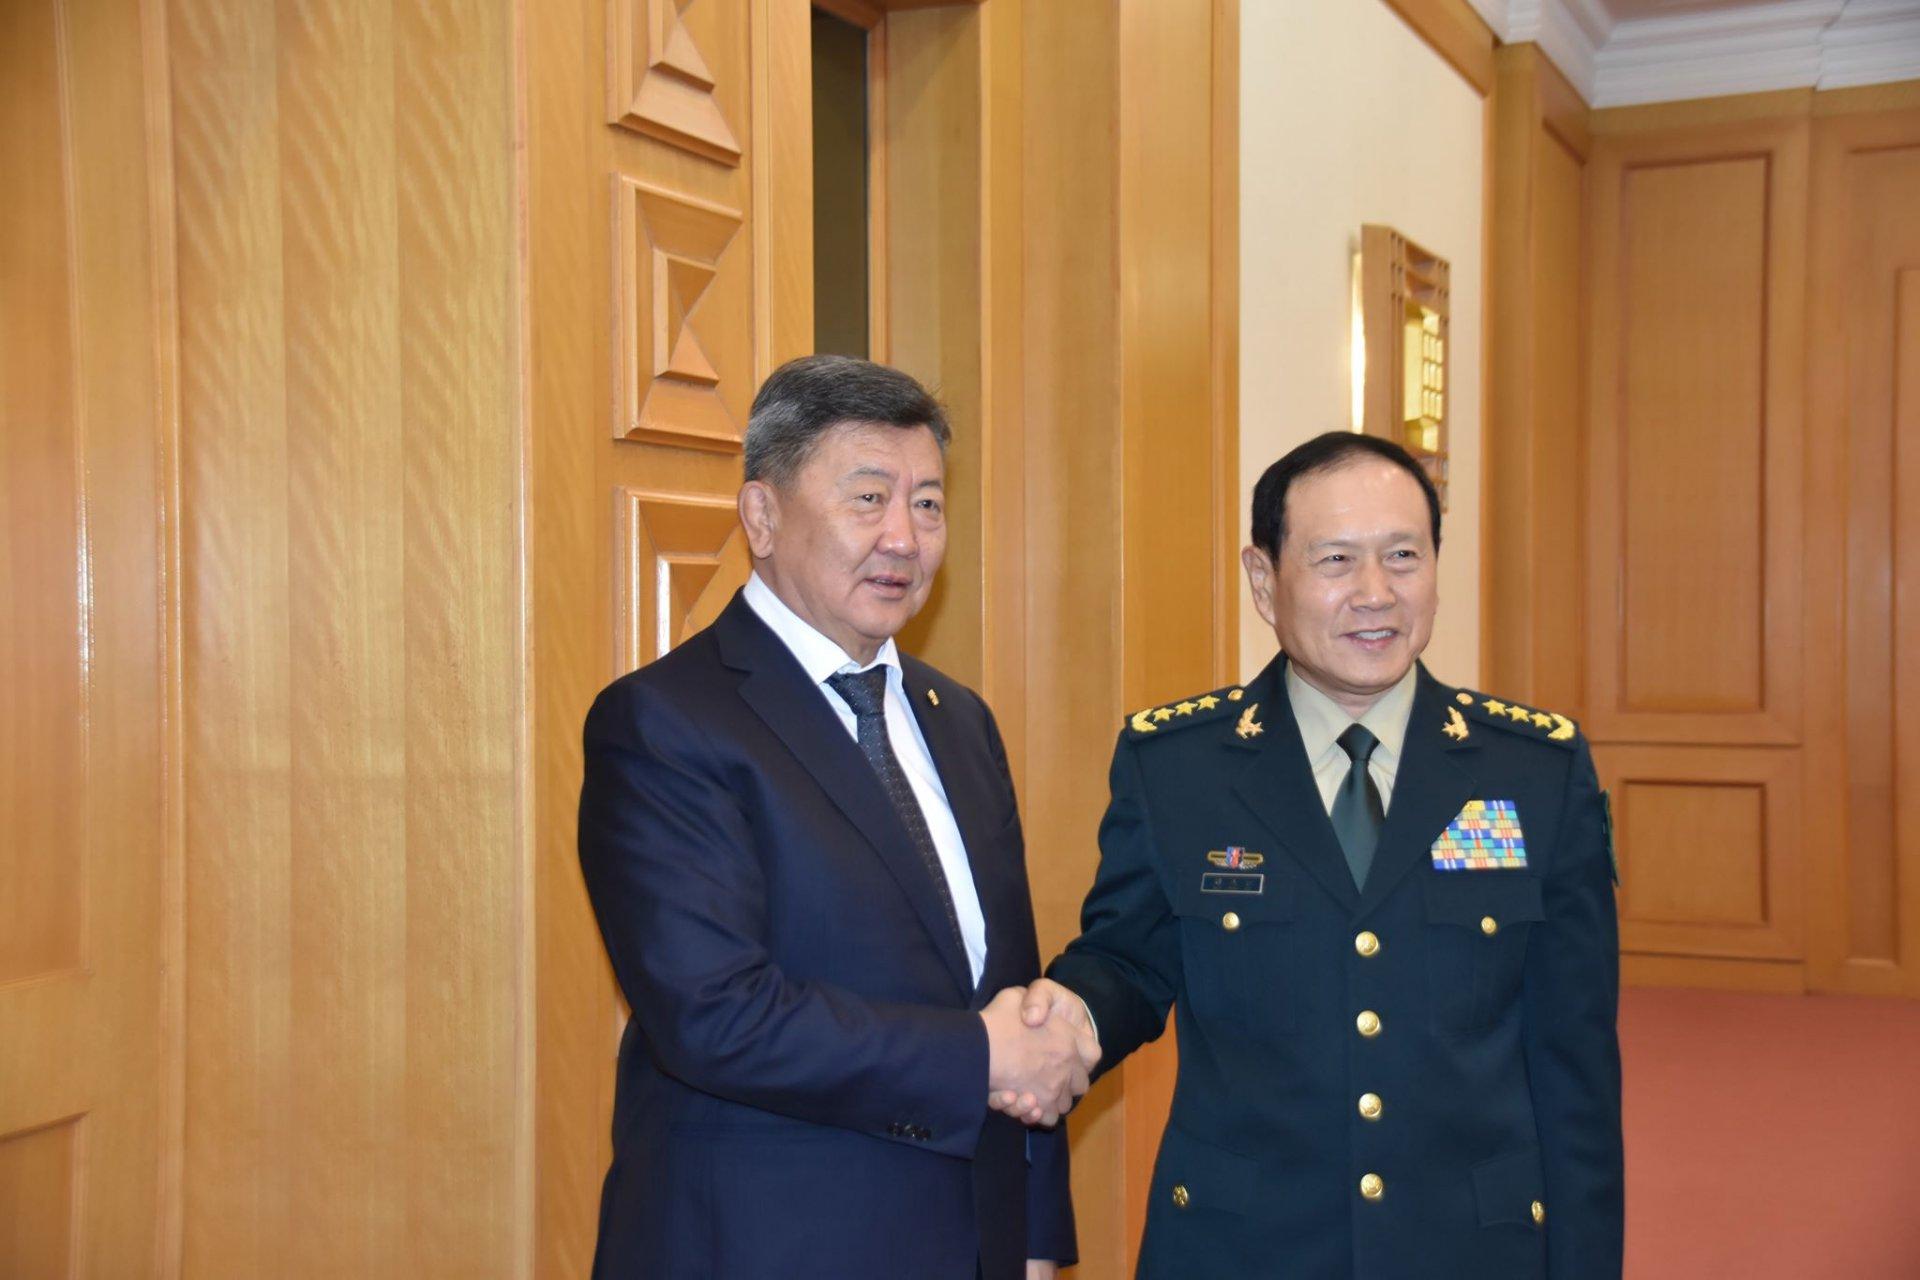 БНХАУ-аас Монгол Улсад зэвсэг техникийн тусламж үзүүлэх хэлэлцээрт гарын үсэг зурлаа